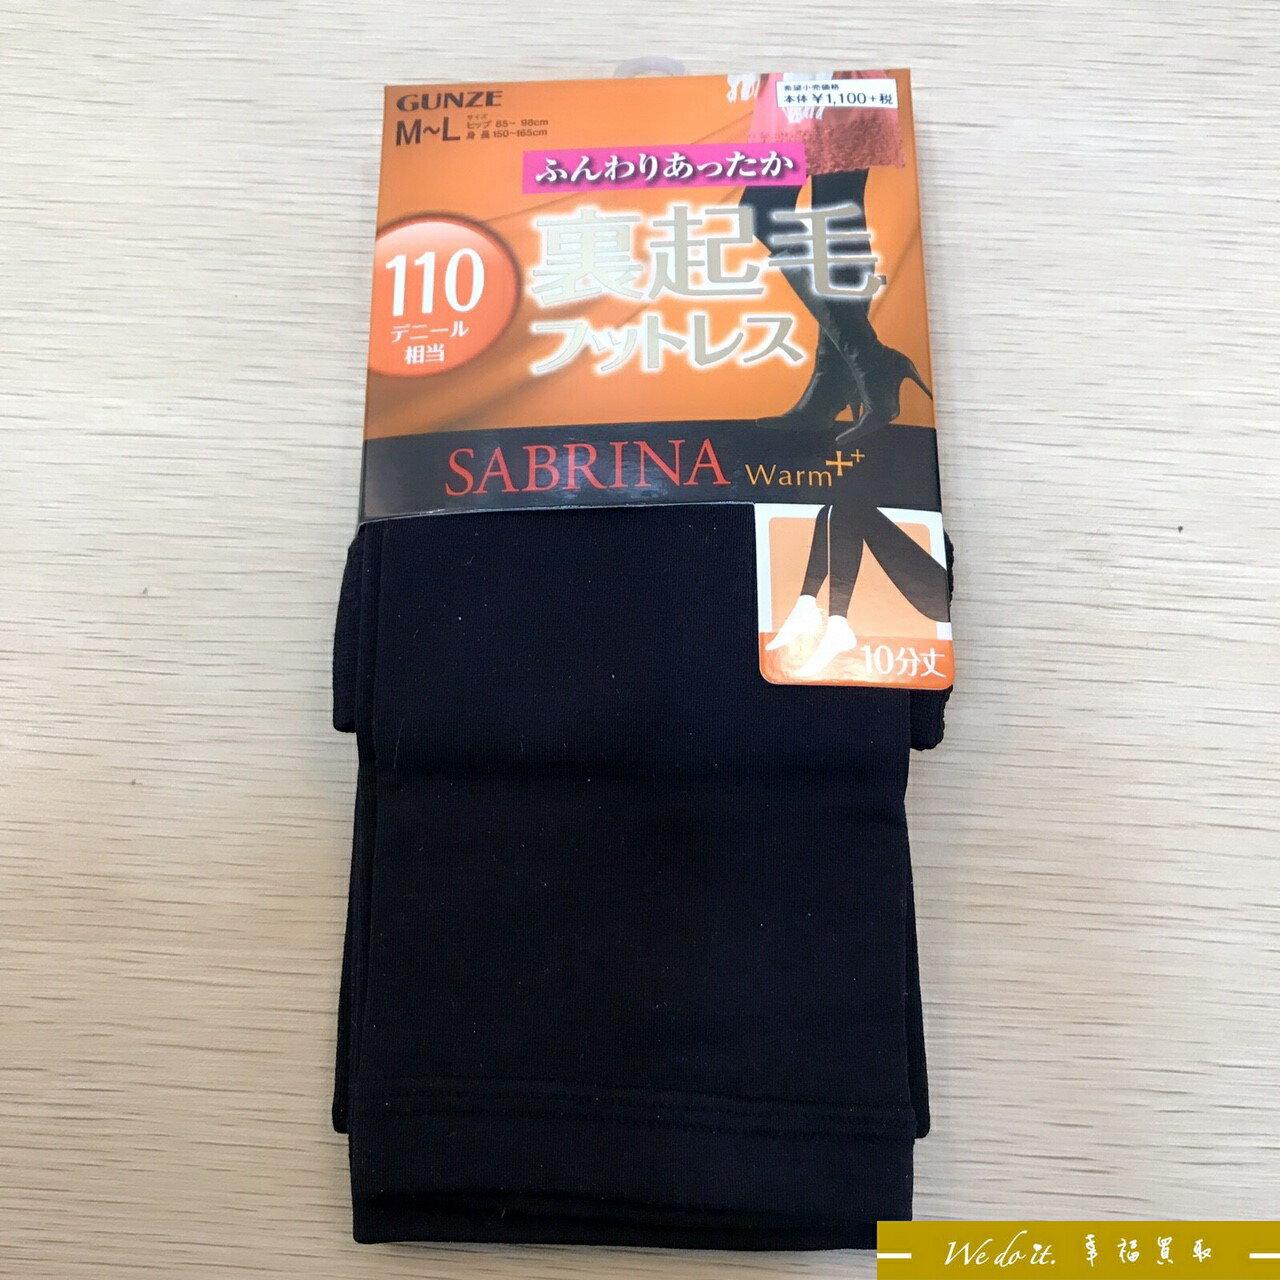 日本製 GUNZE X SABRINA Warm+ 110丹 裹起毛 顯瘦保暖褲襪-10分丈-M~L